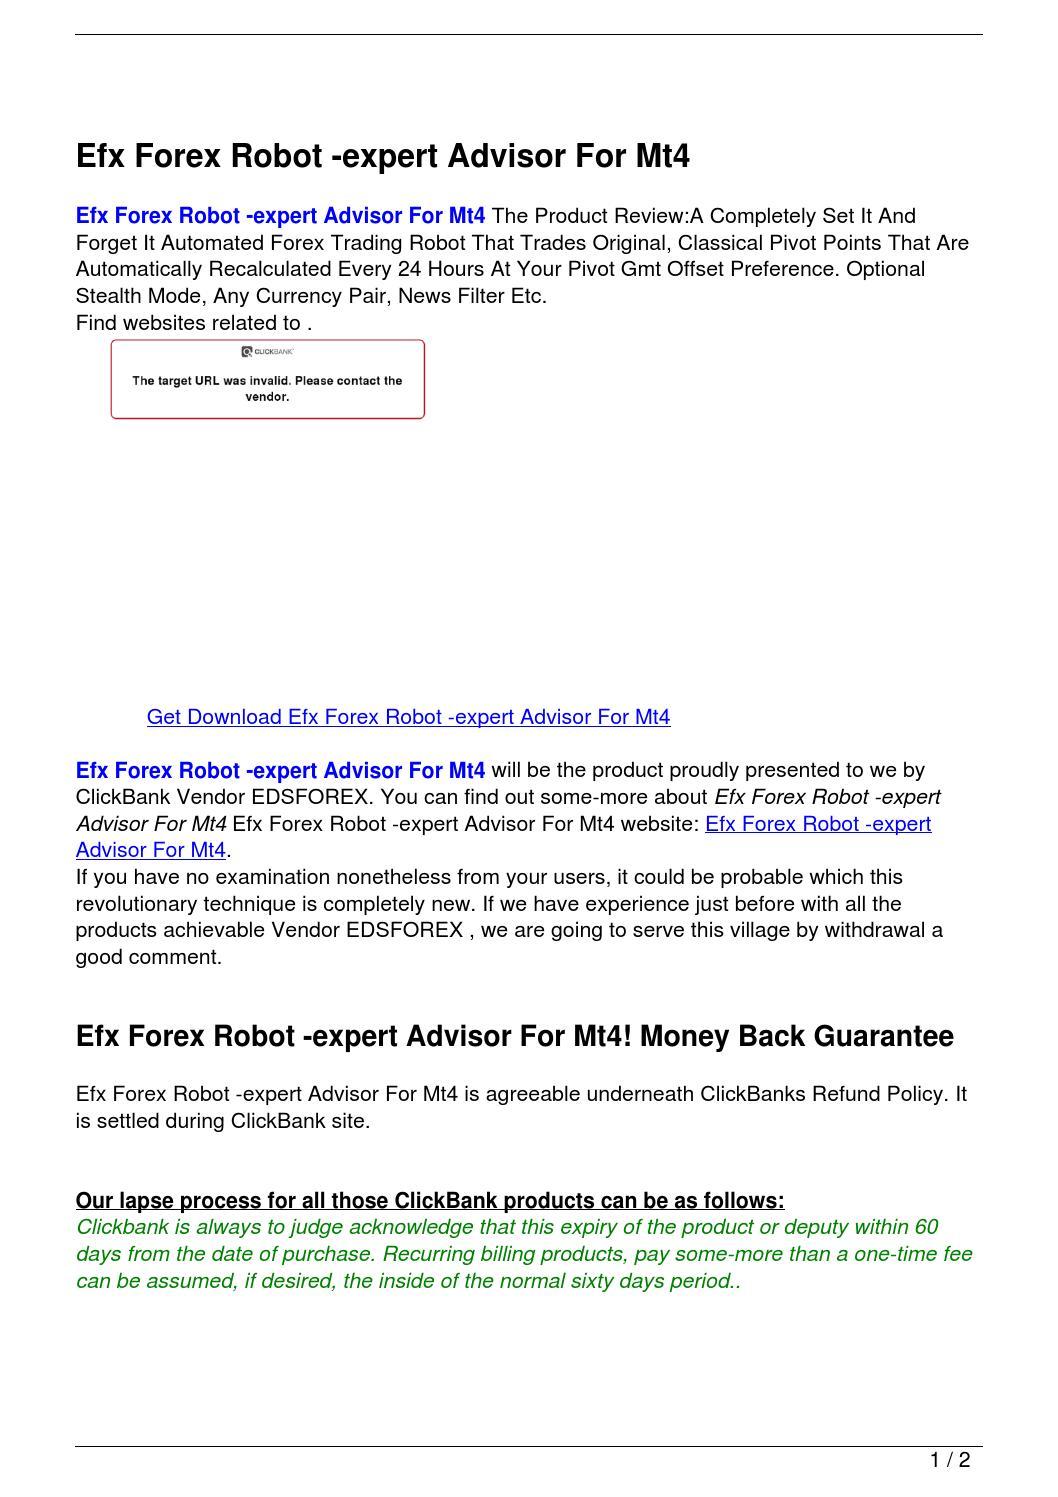 Efx forex news